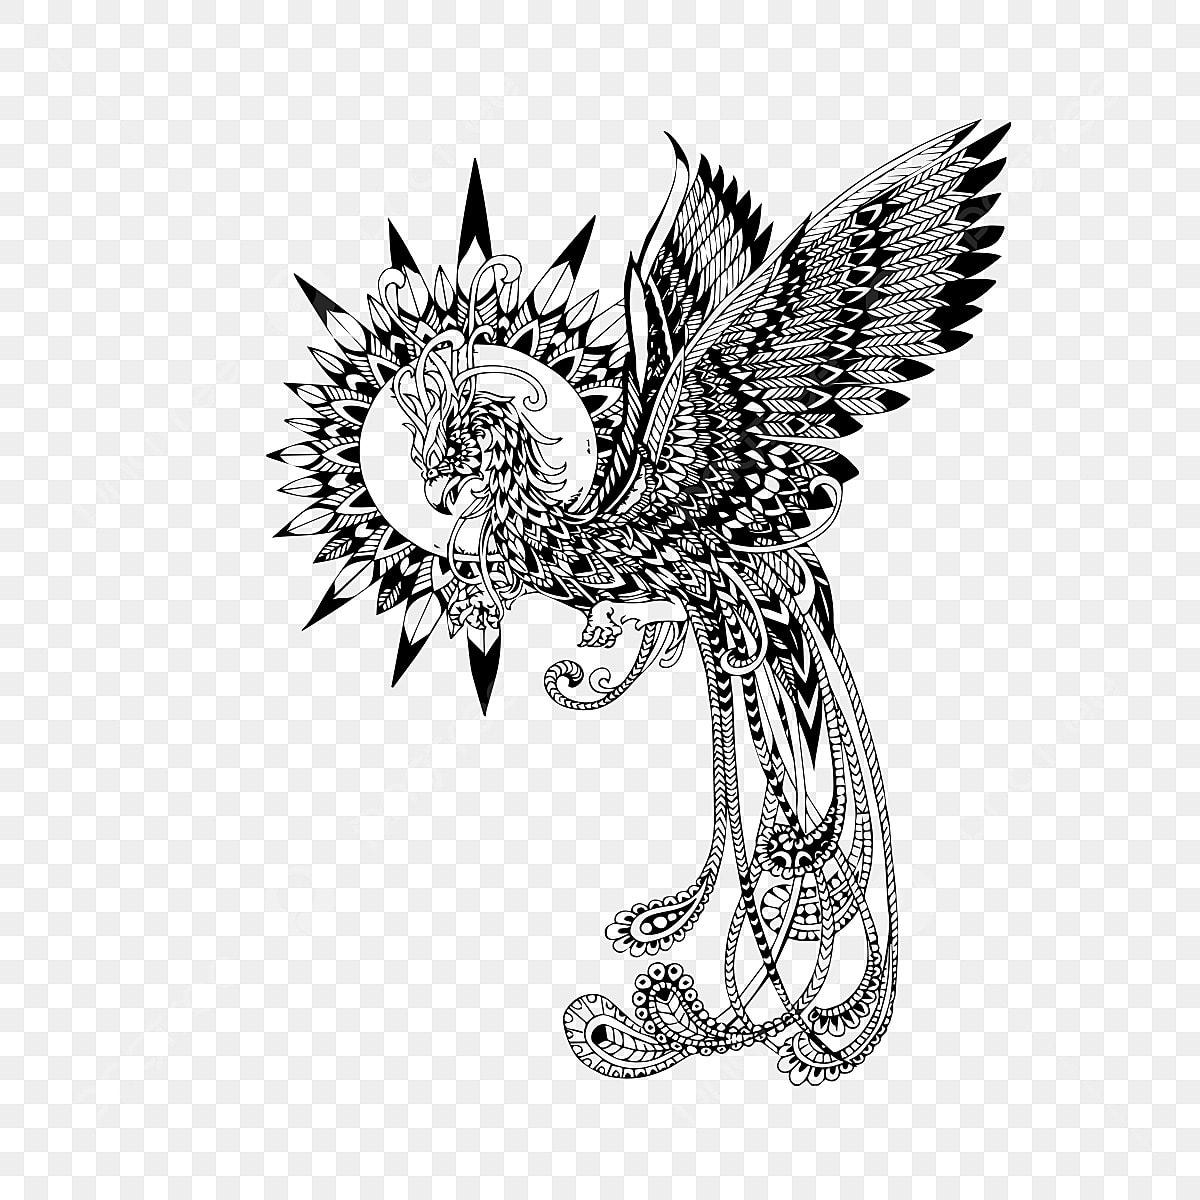 Phoenix Tatouage Conception Lart Des Objets Graphiques Black Voler Fichier Png Et Psd Pour Le Telechargement Libre